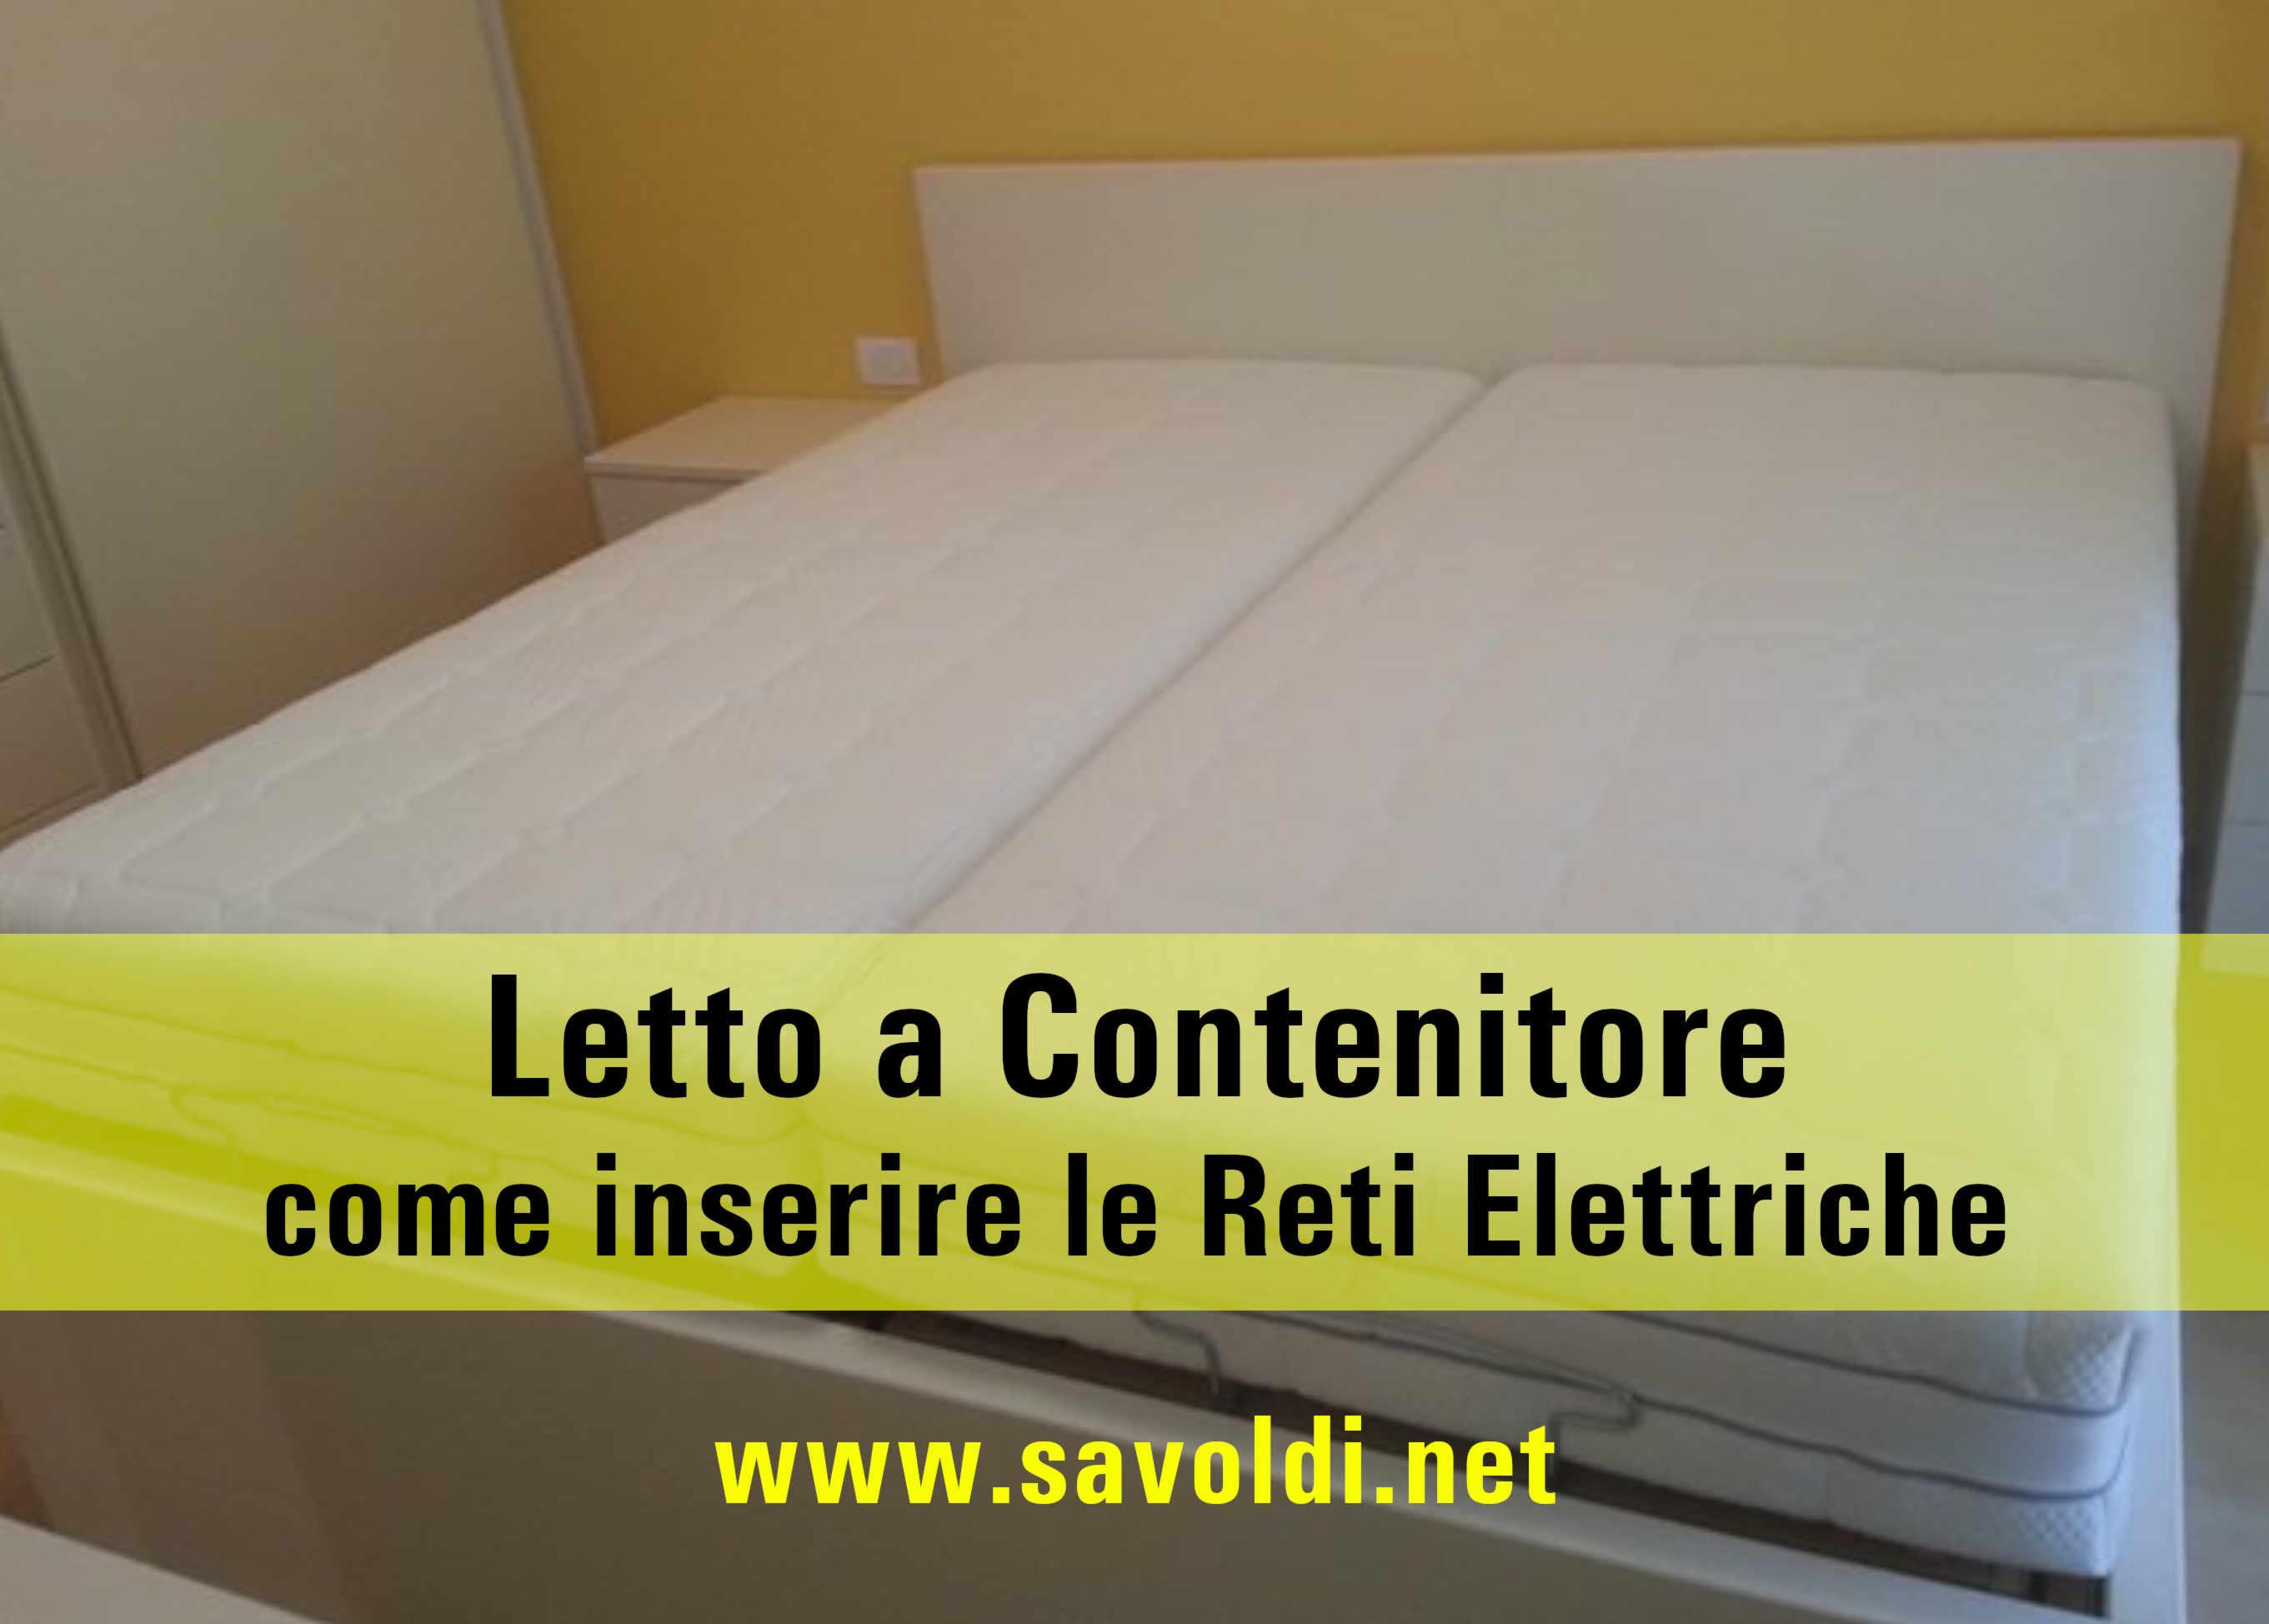 Rete Elettrica Per Letto Contenitore.Come Inserire La Rete Elettrica Nel Letto A Contenitore